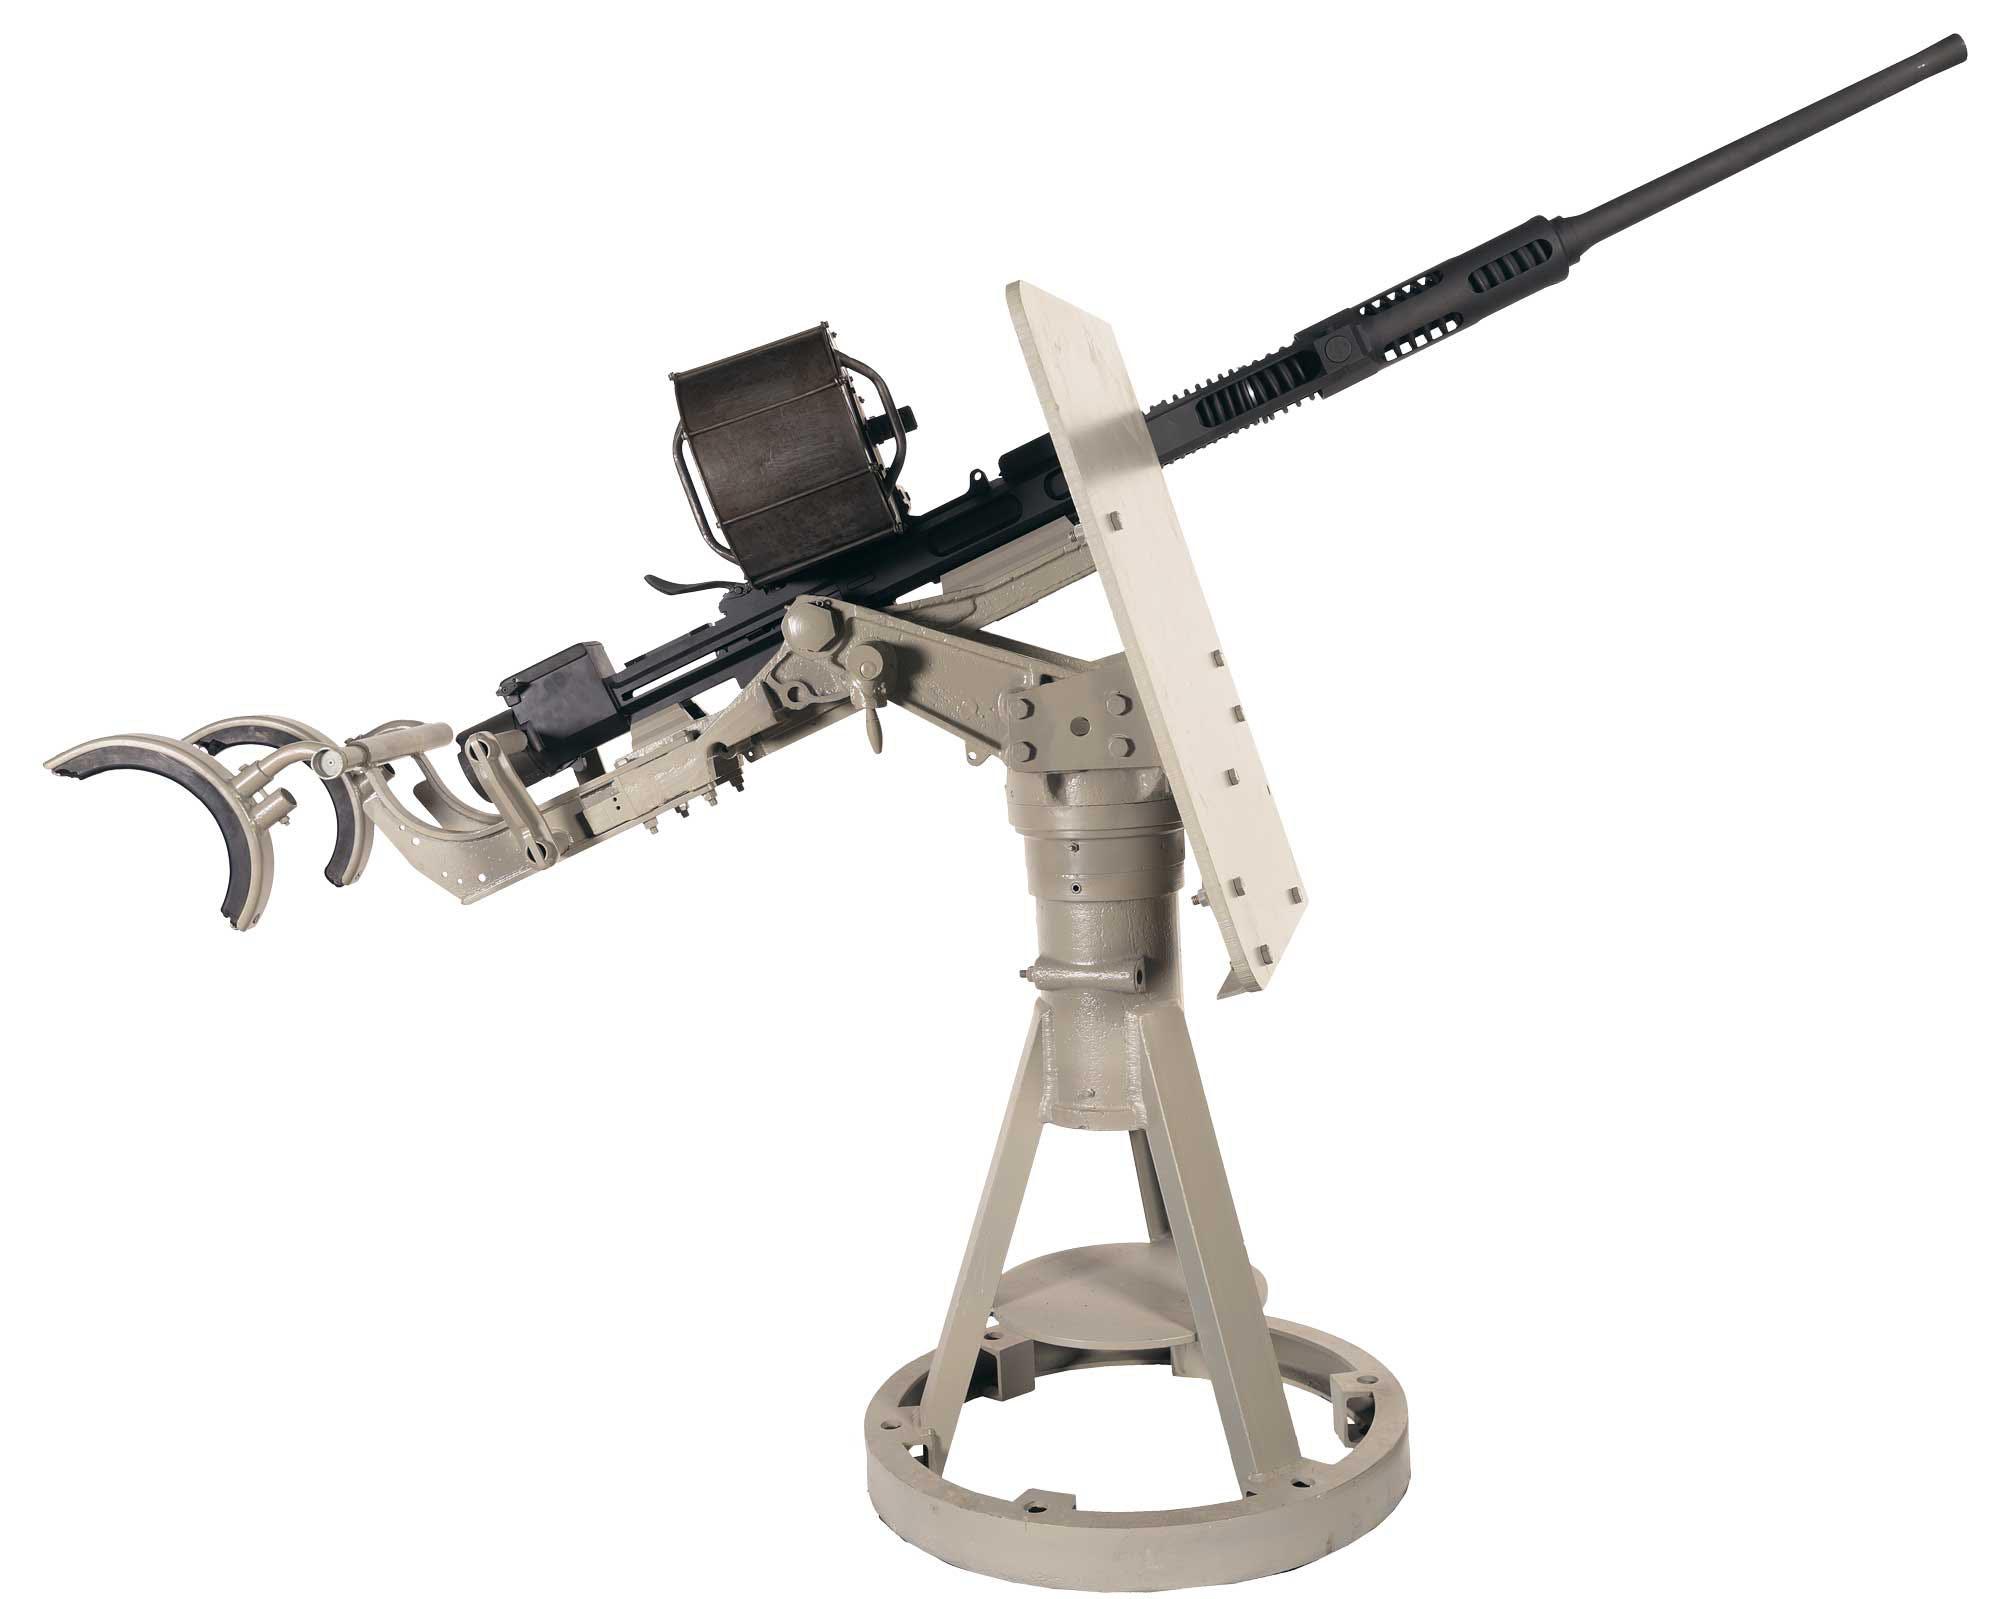 20 мм пушка Эрликон со станком и 60-и зарядным магазином